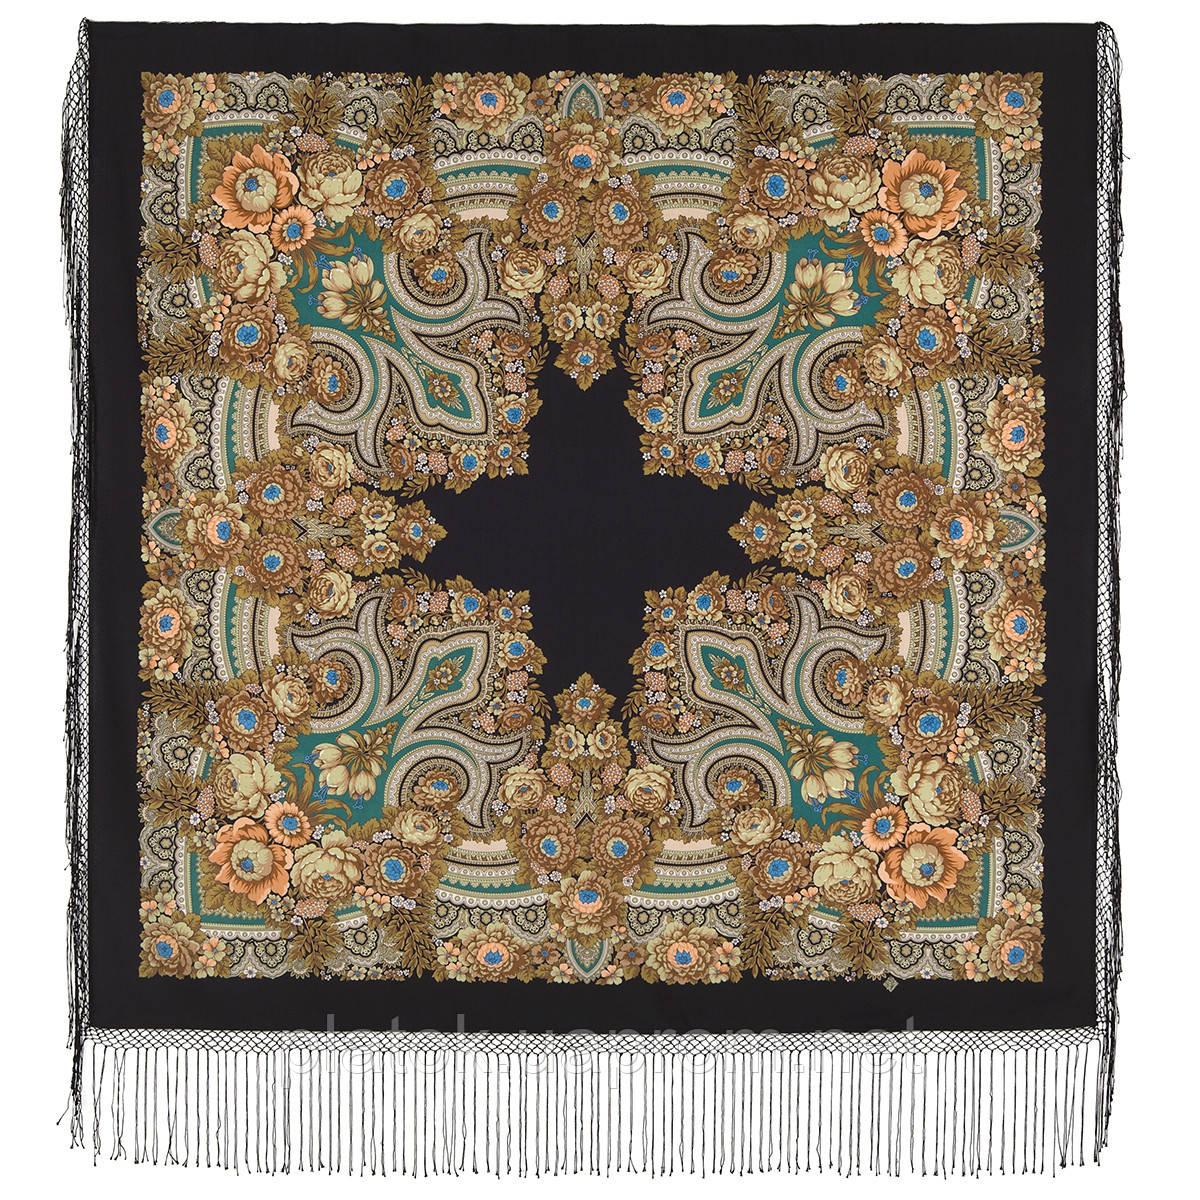 Боярыня 334-25, павлопосадский платок (шаль) из уплотненной шерсти с шелковой вязанной бахромой